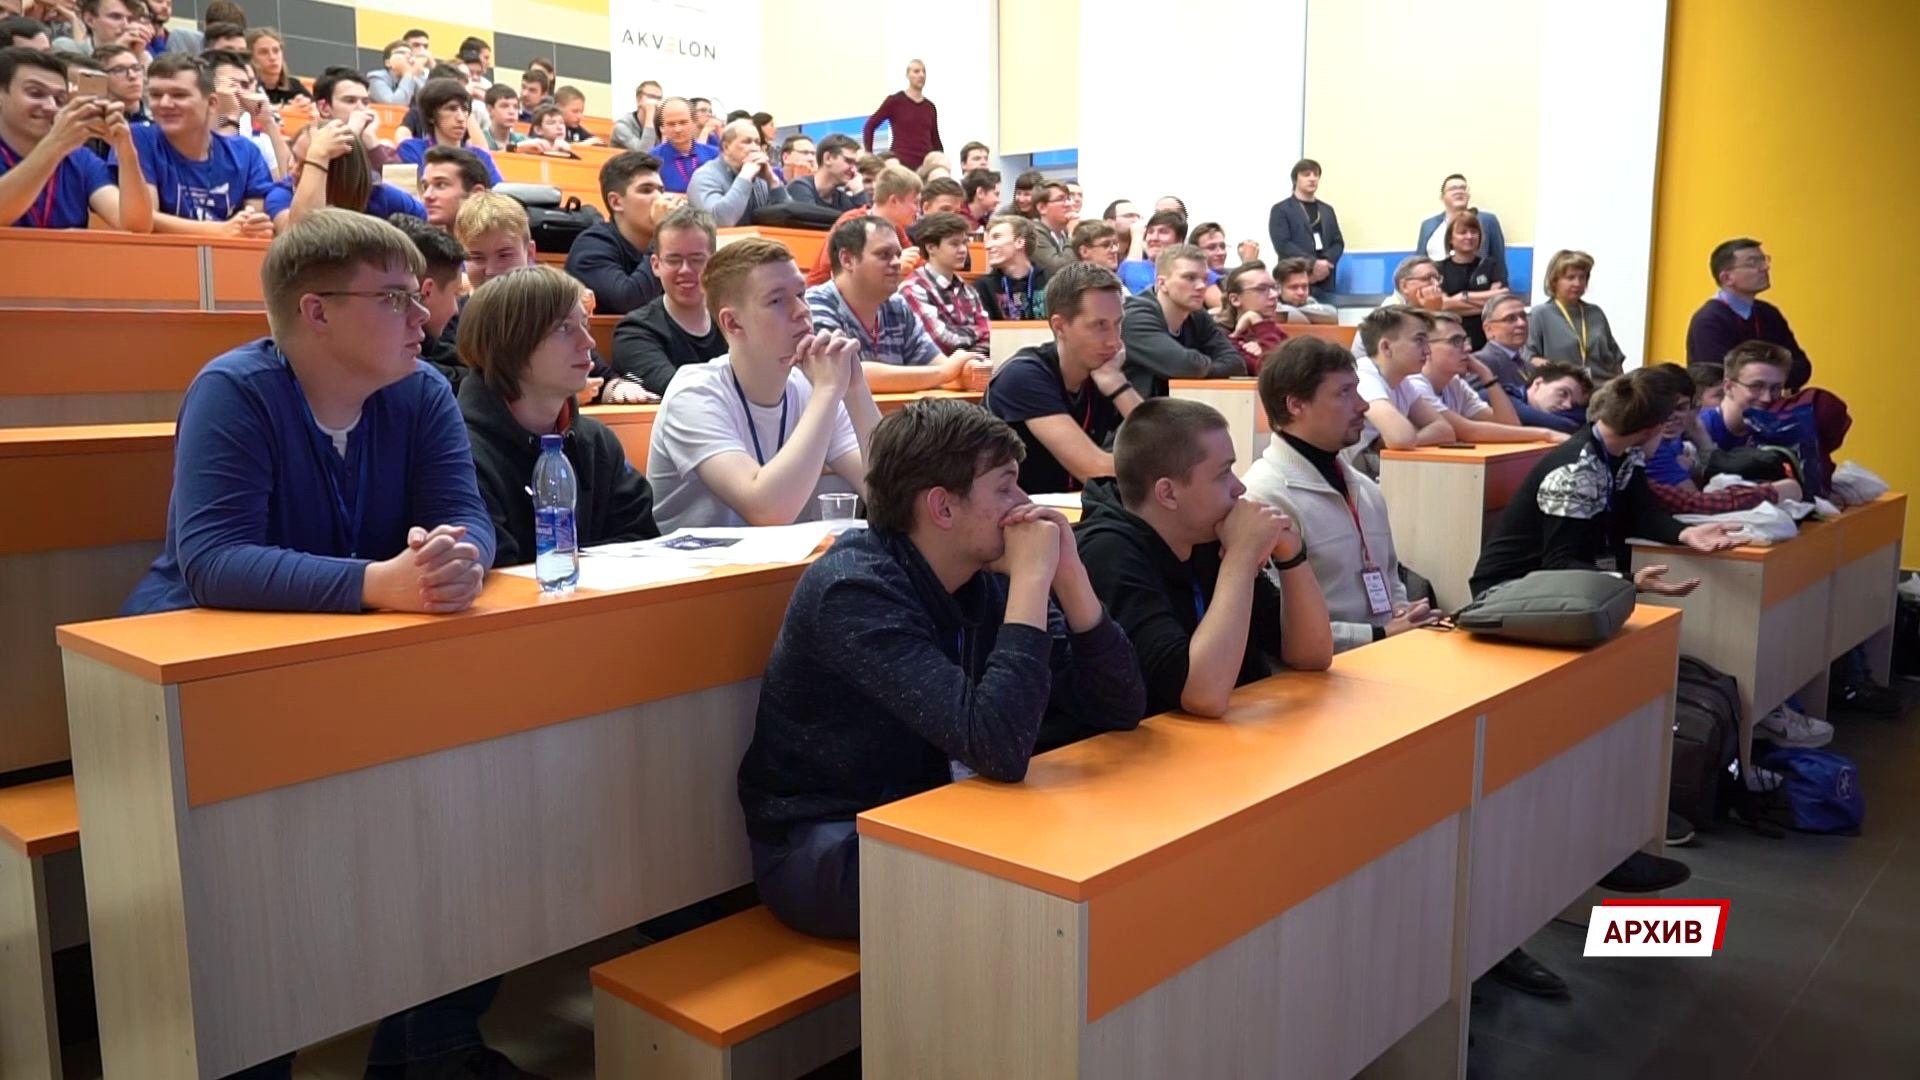 В Демидовский университет можно подать документы, не дожидаясь результатов экзаменов